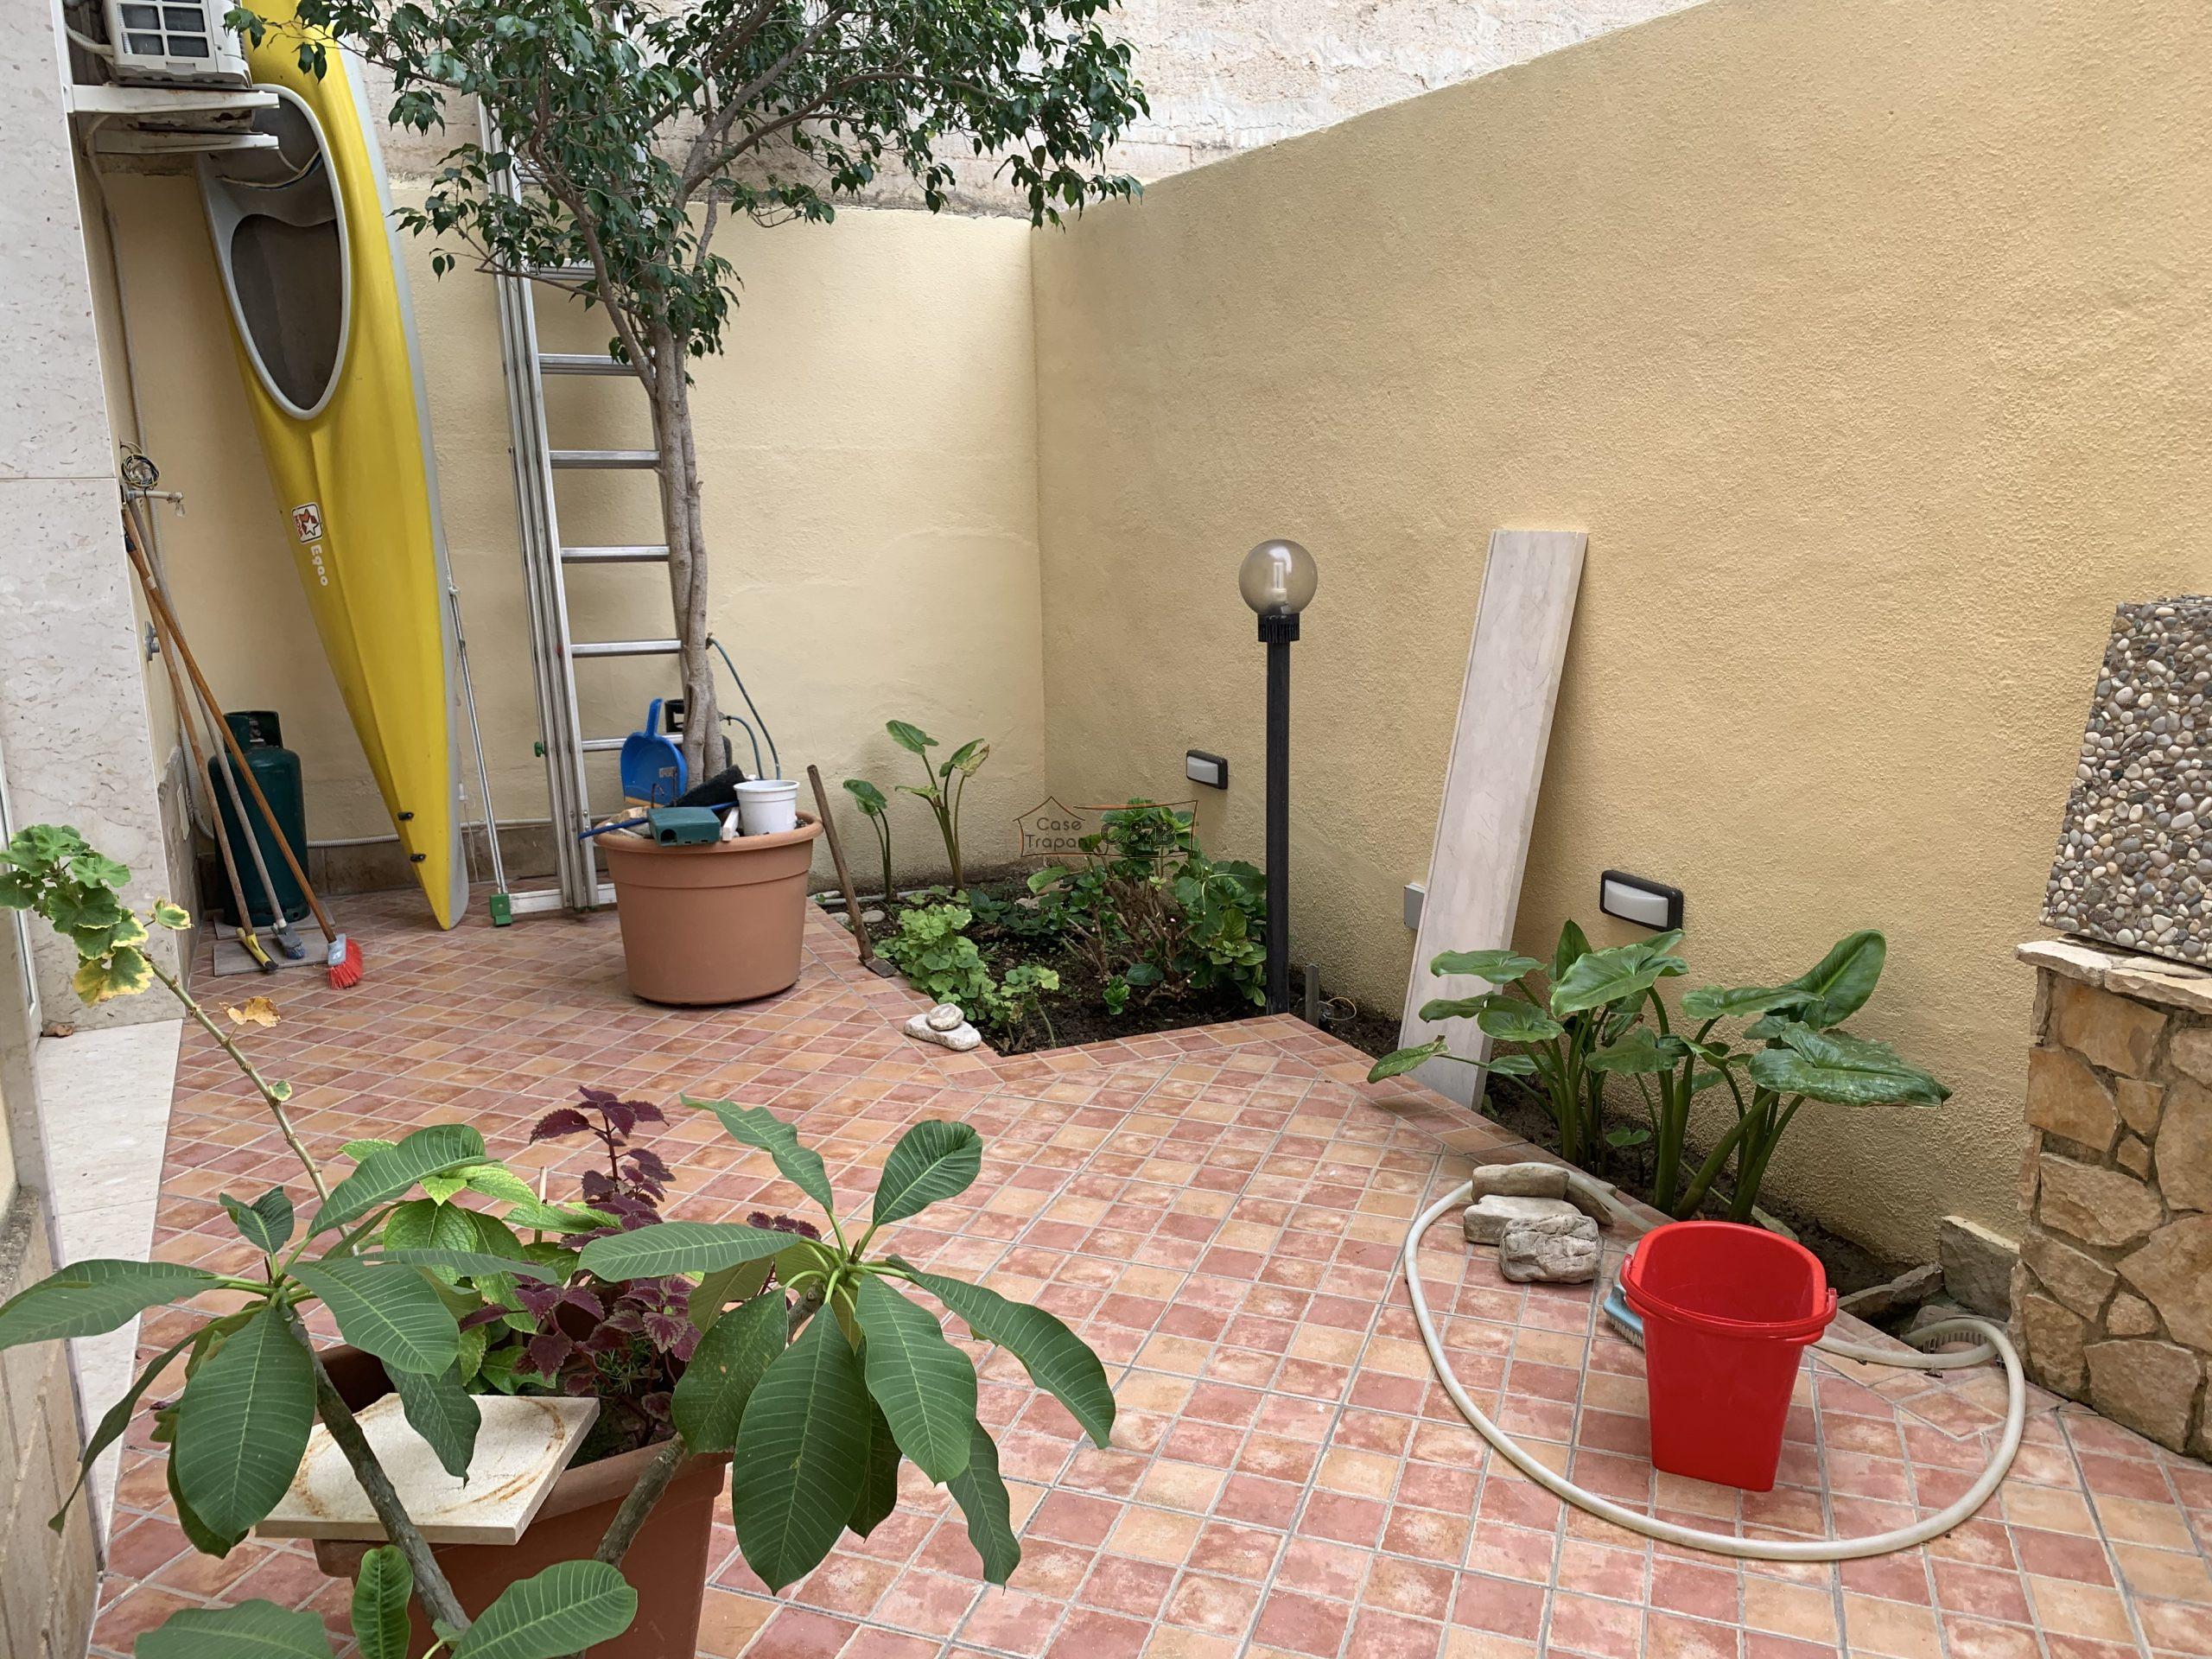 Appartamento arredato con veranda